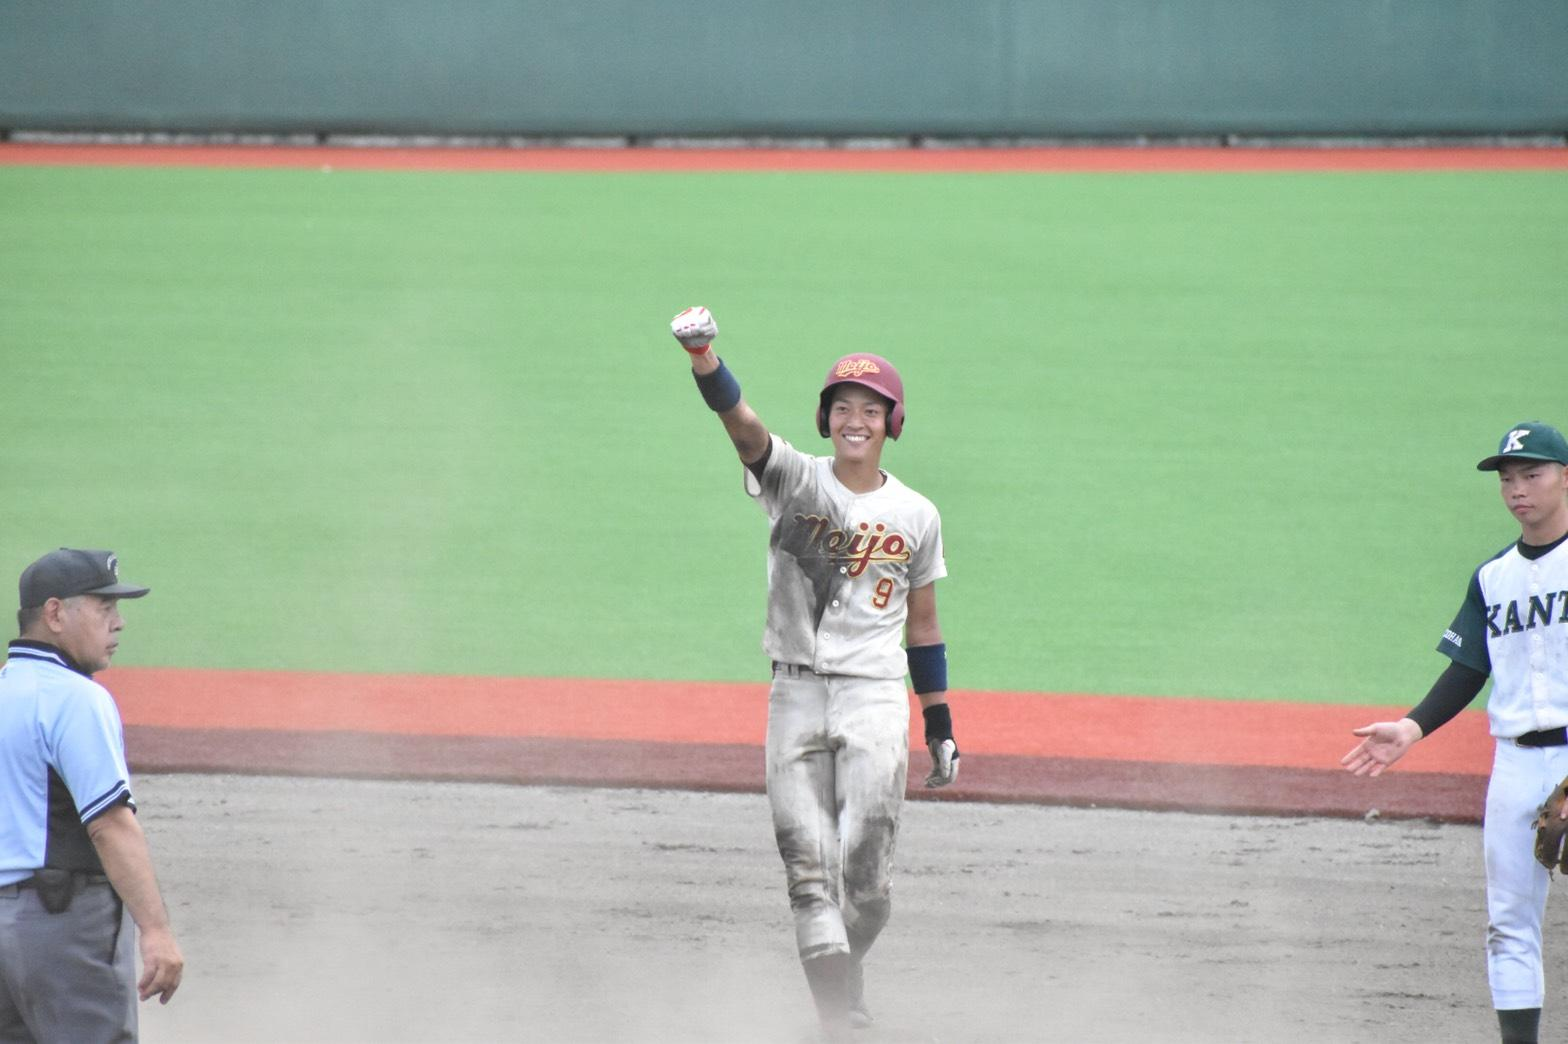 8回裏一死一塁、田中大海選手(法学部法学科3年)が2塁打でチャンスを広げる